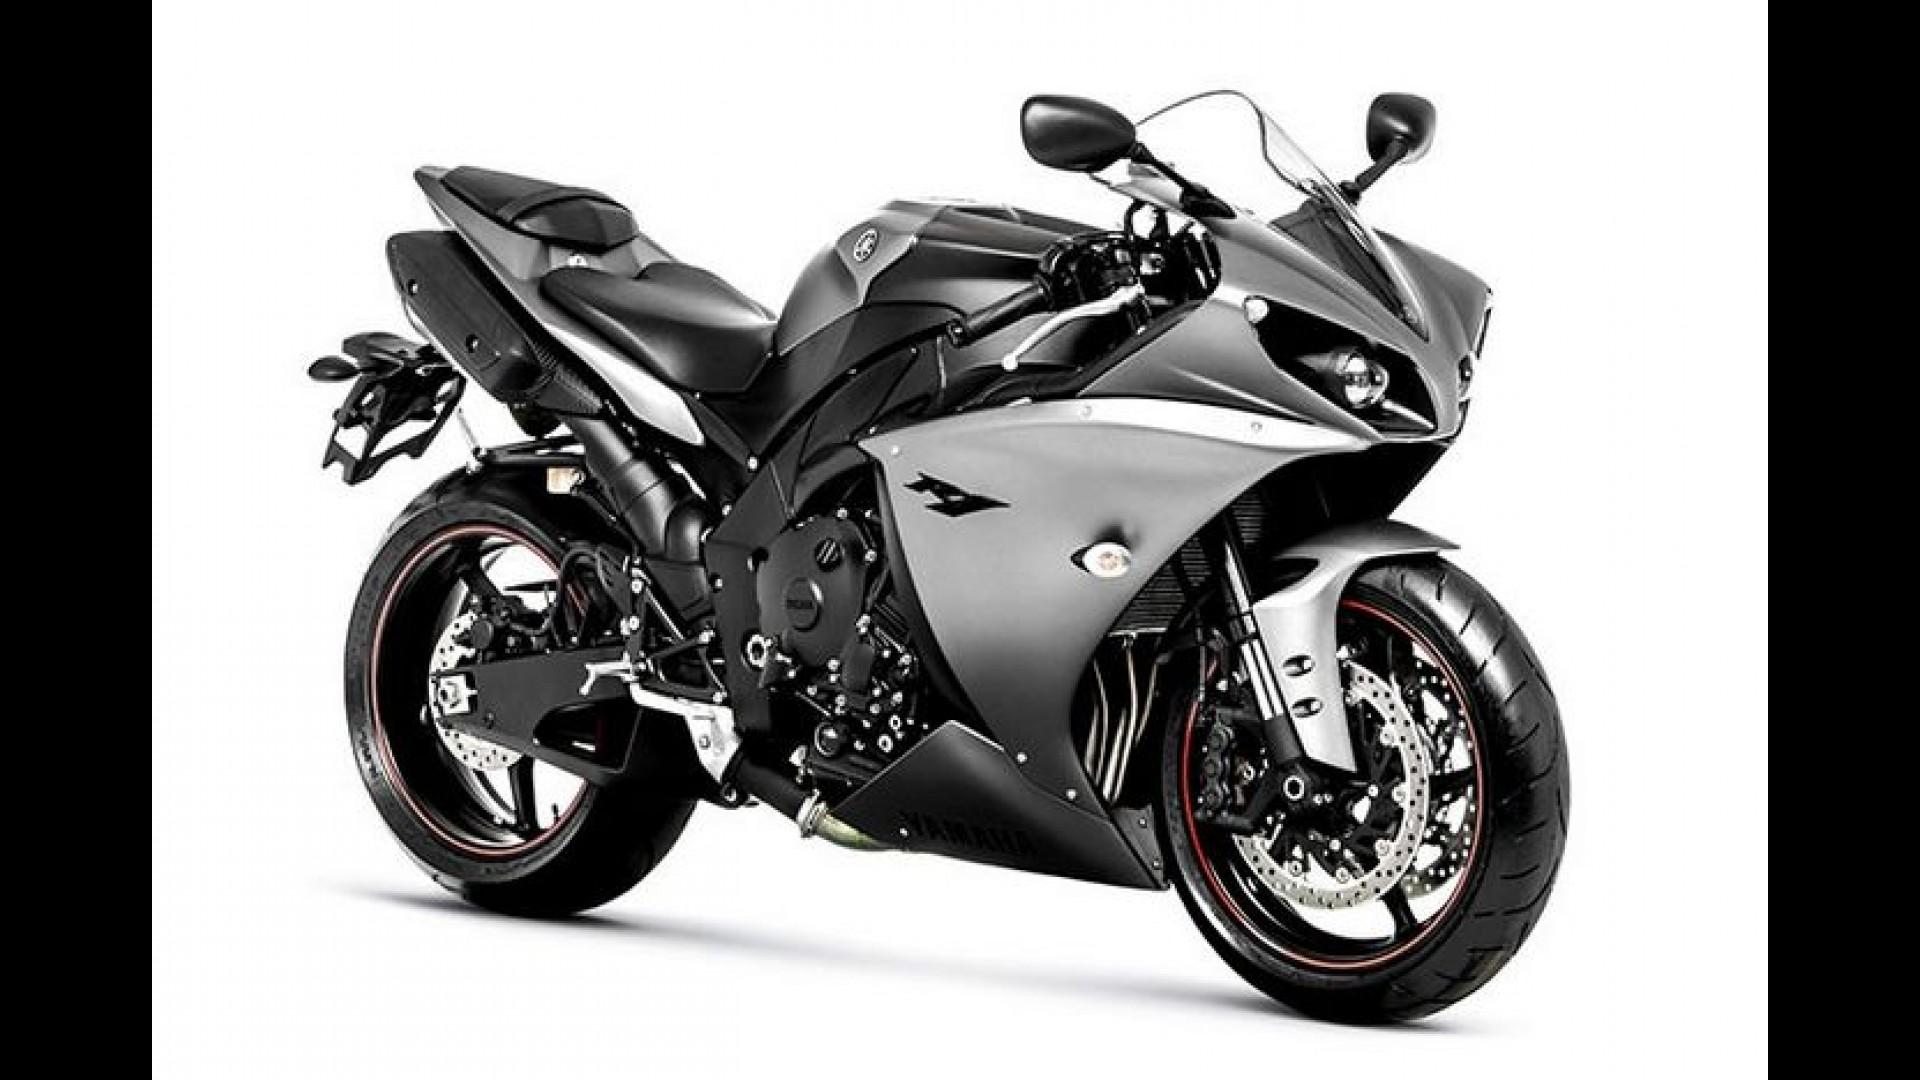 Yamaha Yzf R1 2014 Chega Por R 65 5 Mil Com Novas Opcoes De Cores